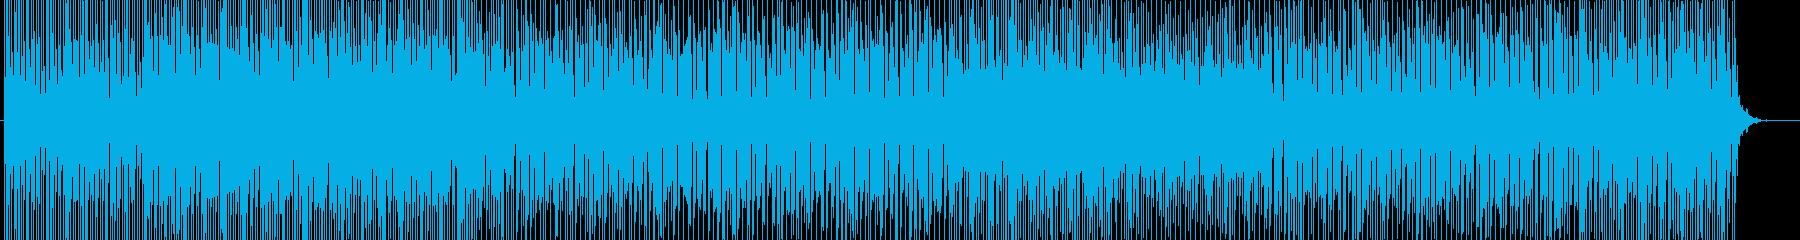 ■企業-PV-イントロダクション-明るいの再生済みの波形